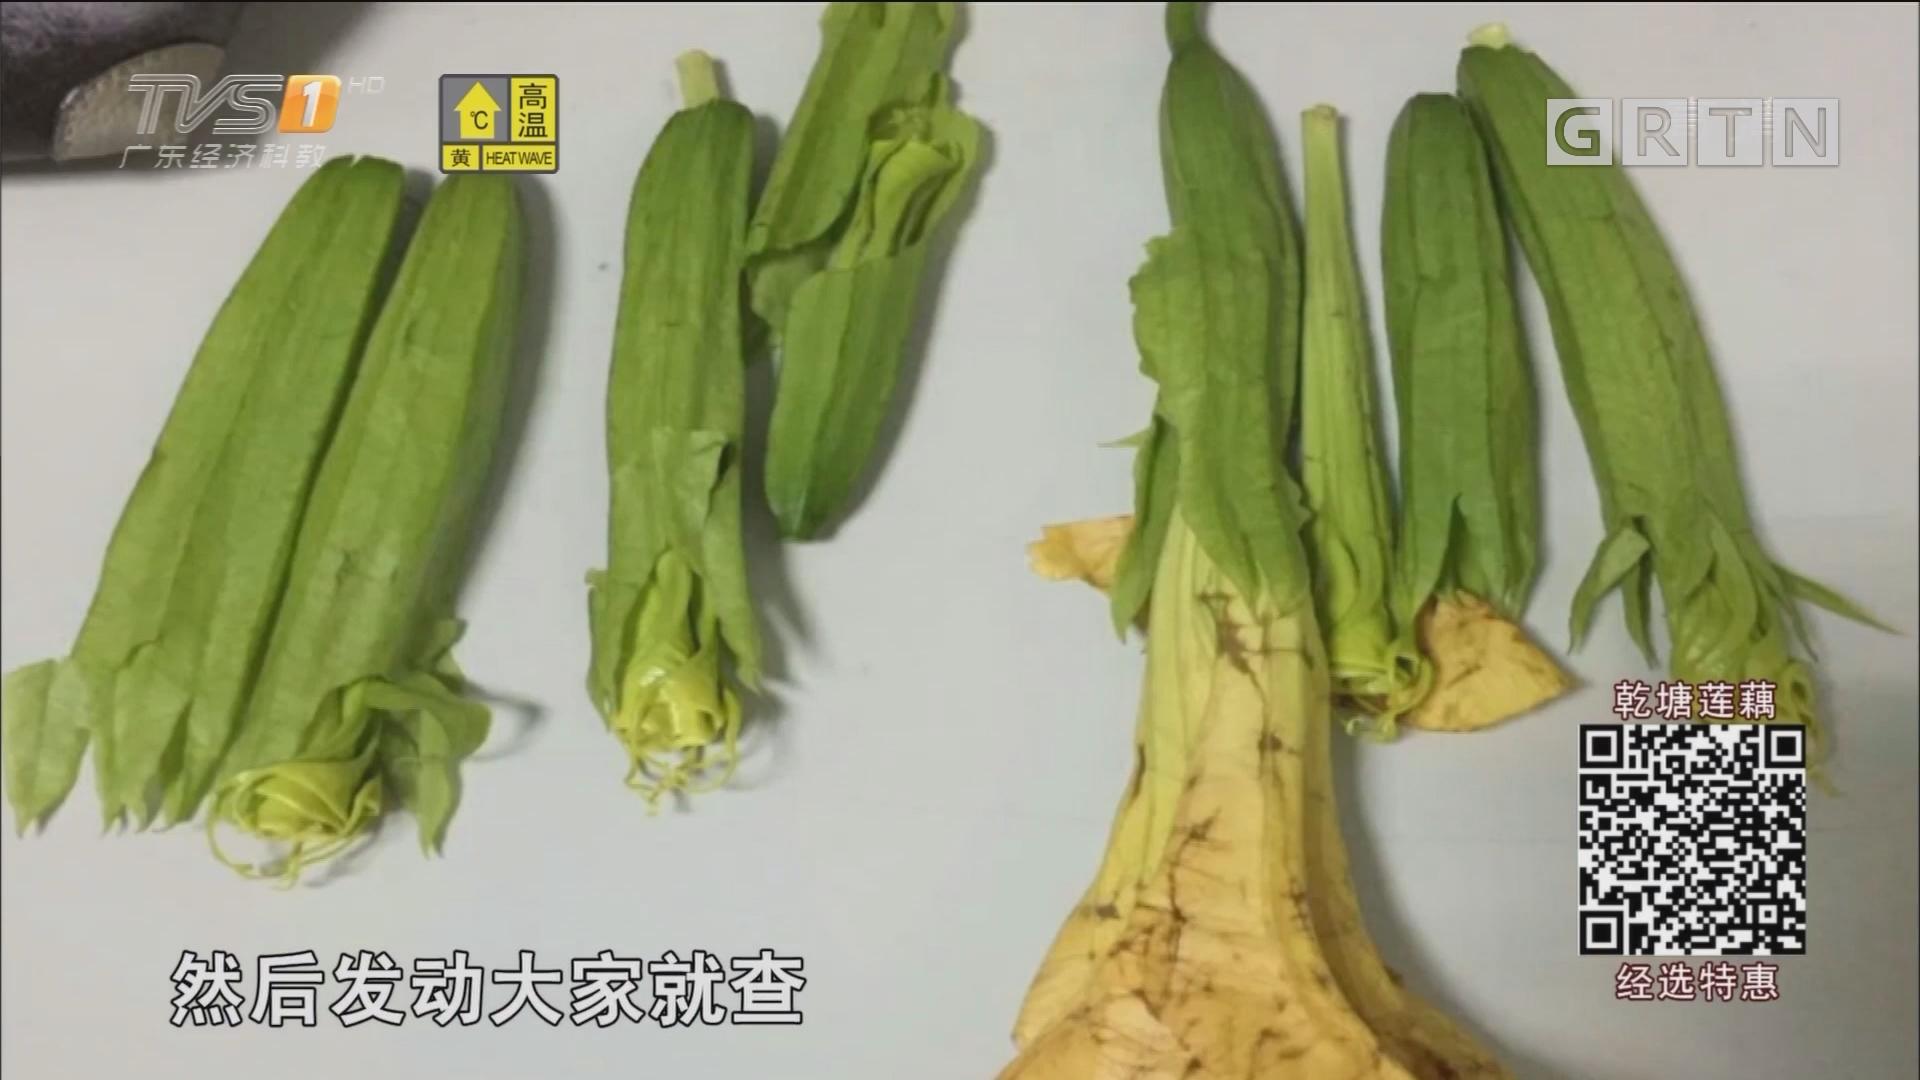 消费提醒:这货长得似秋葵 吃了会中毒